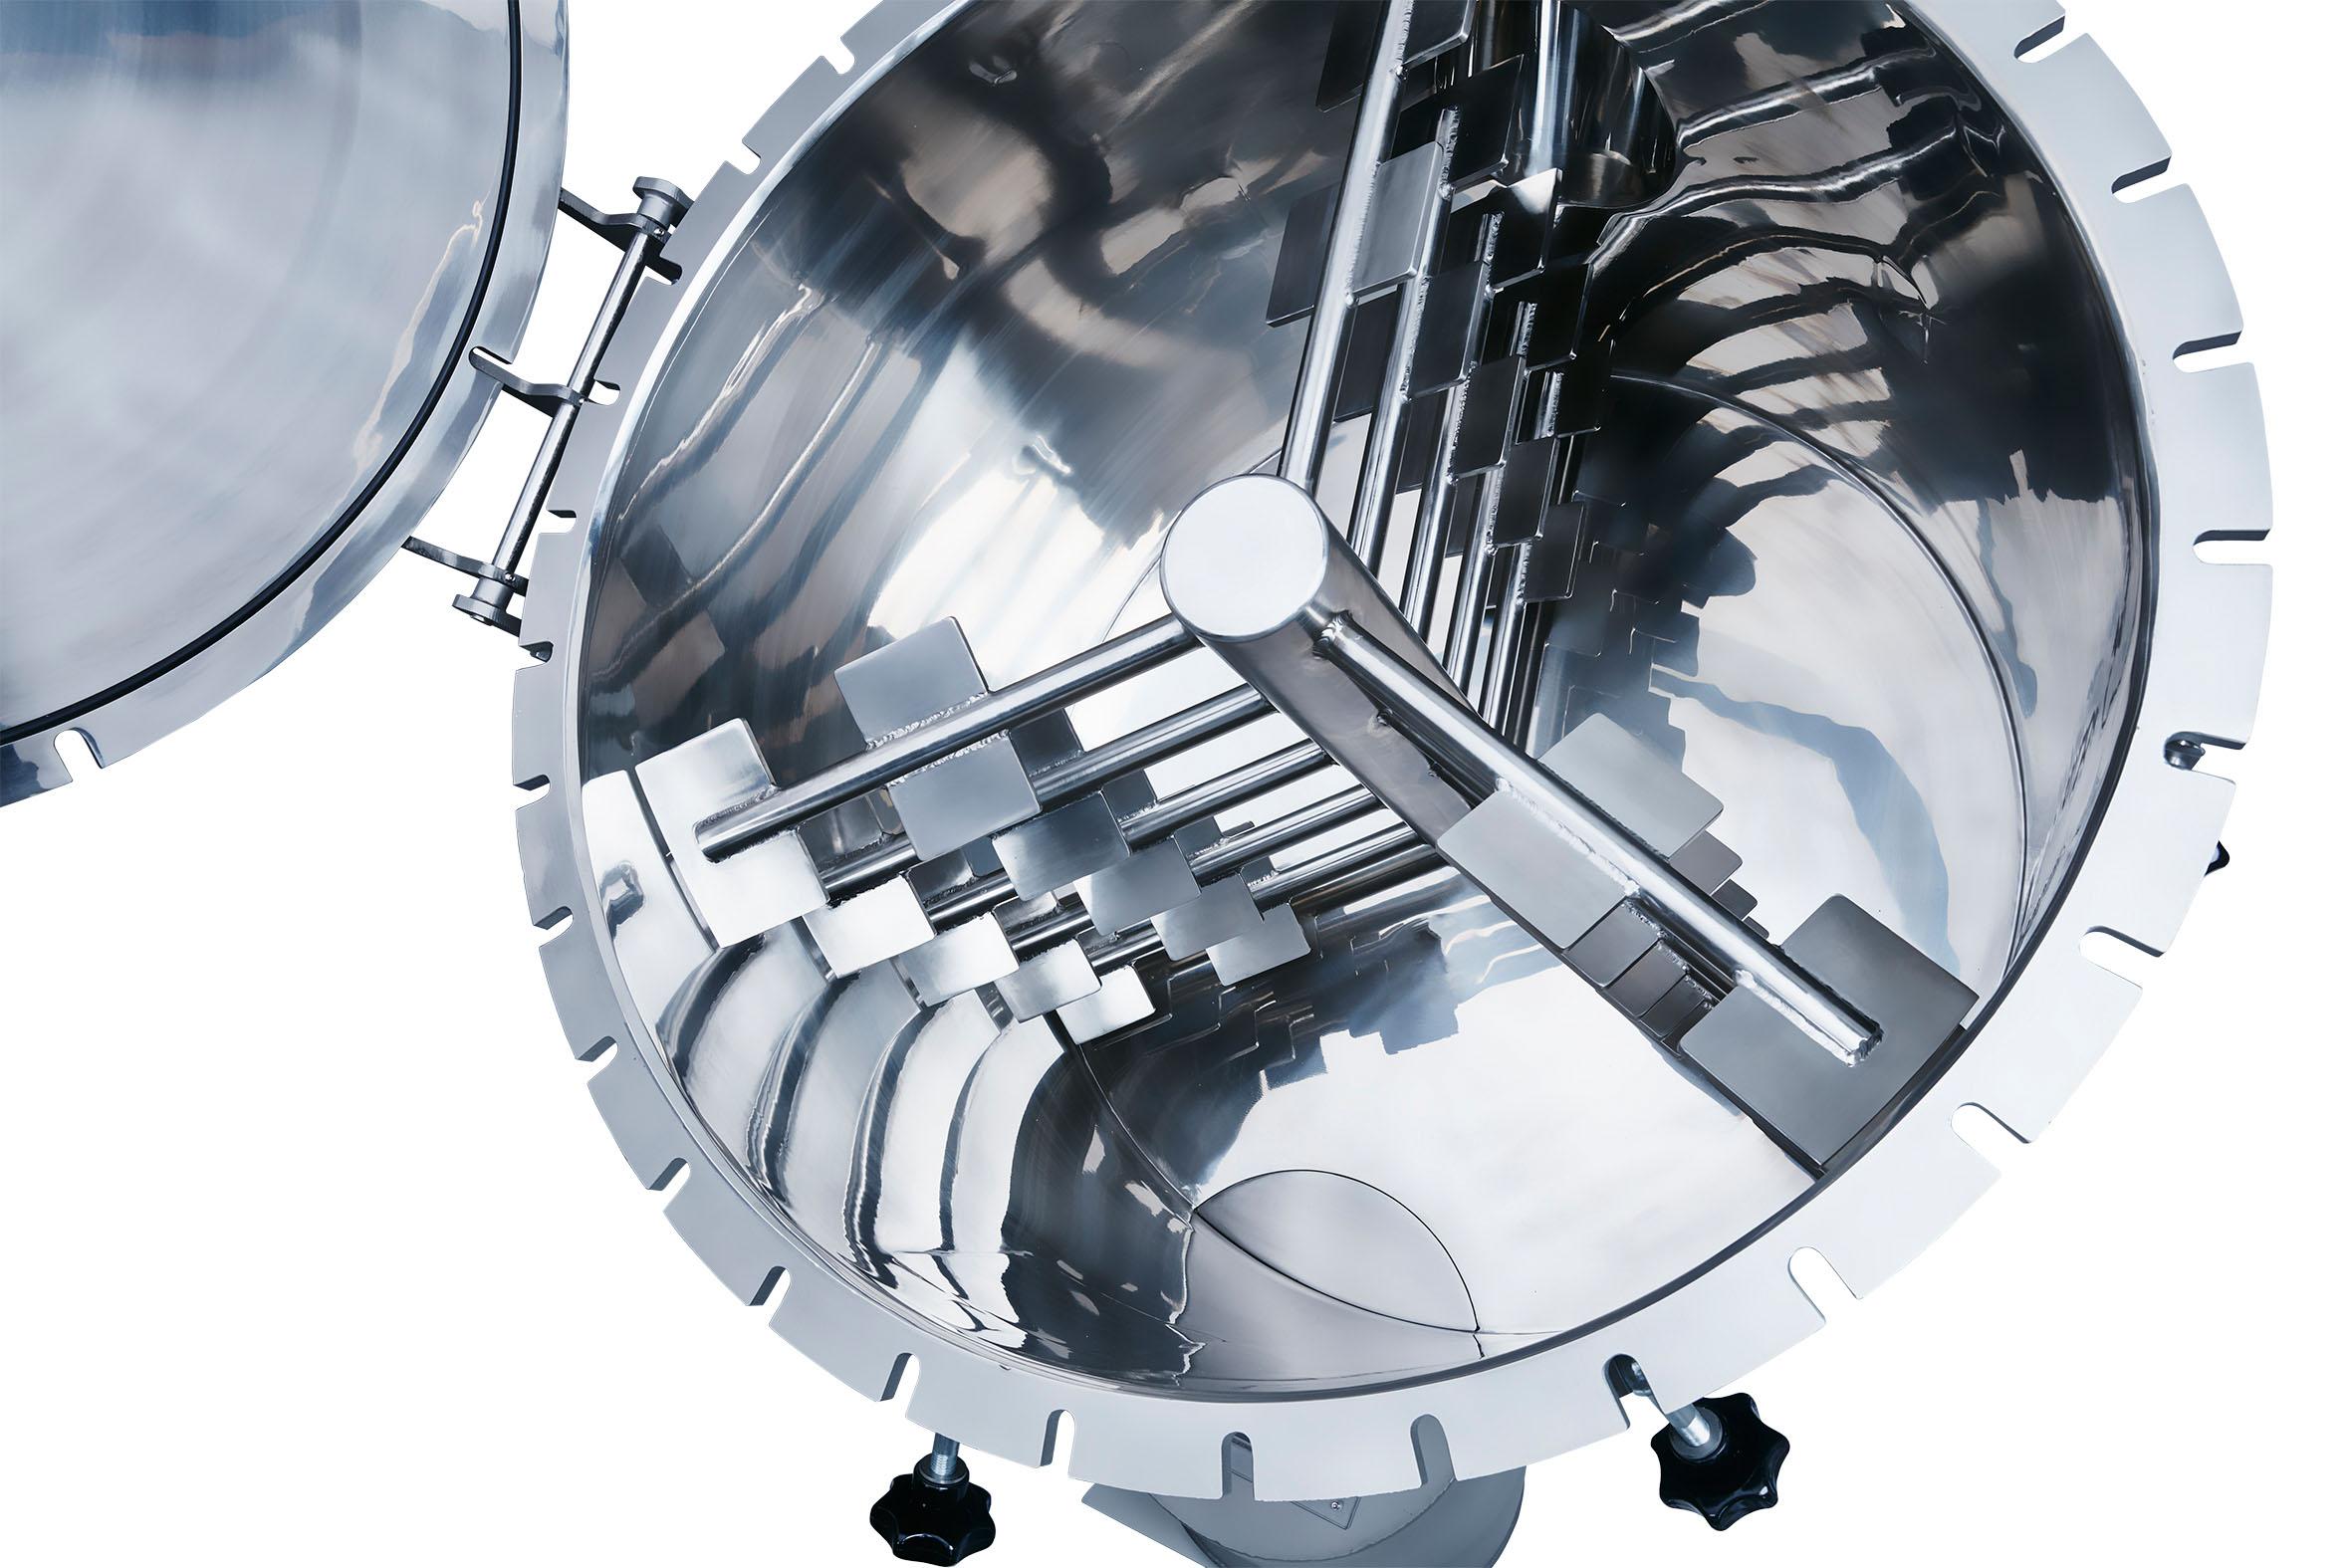 Die rotierende Mischwerkzeug des neuen Schüttgutmixers von Coperion